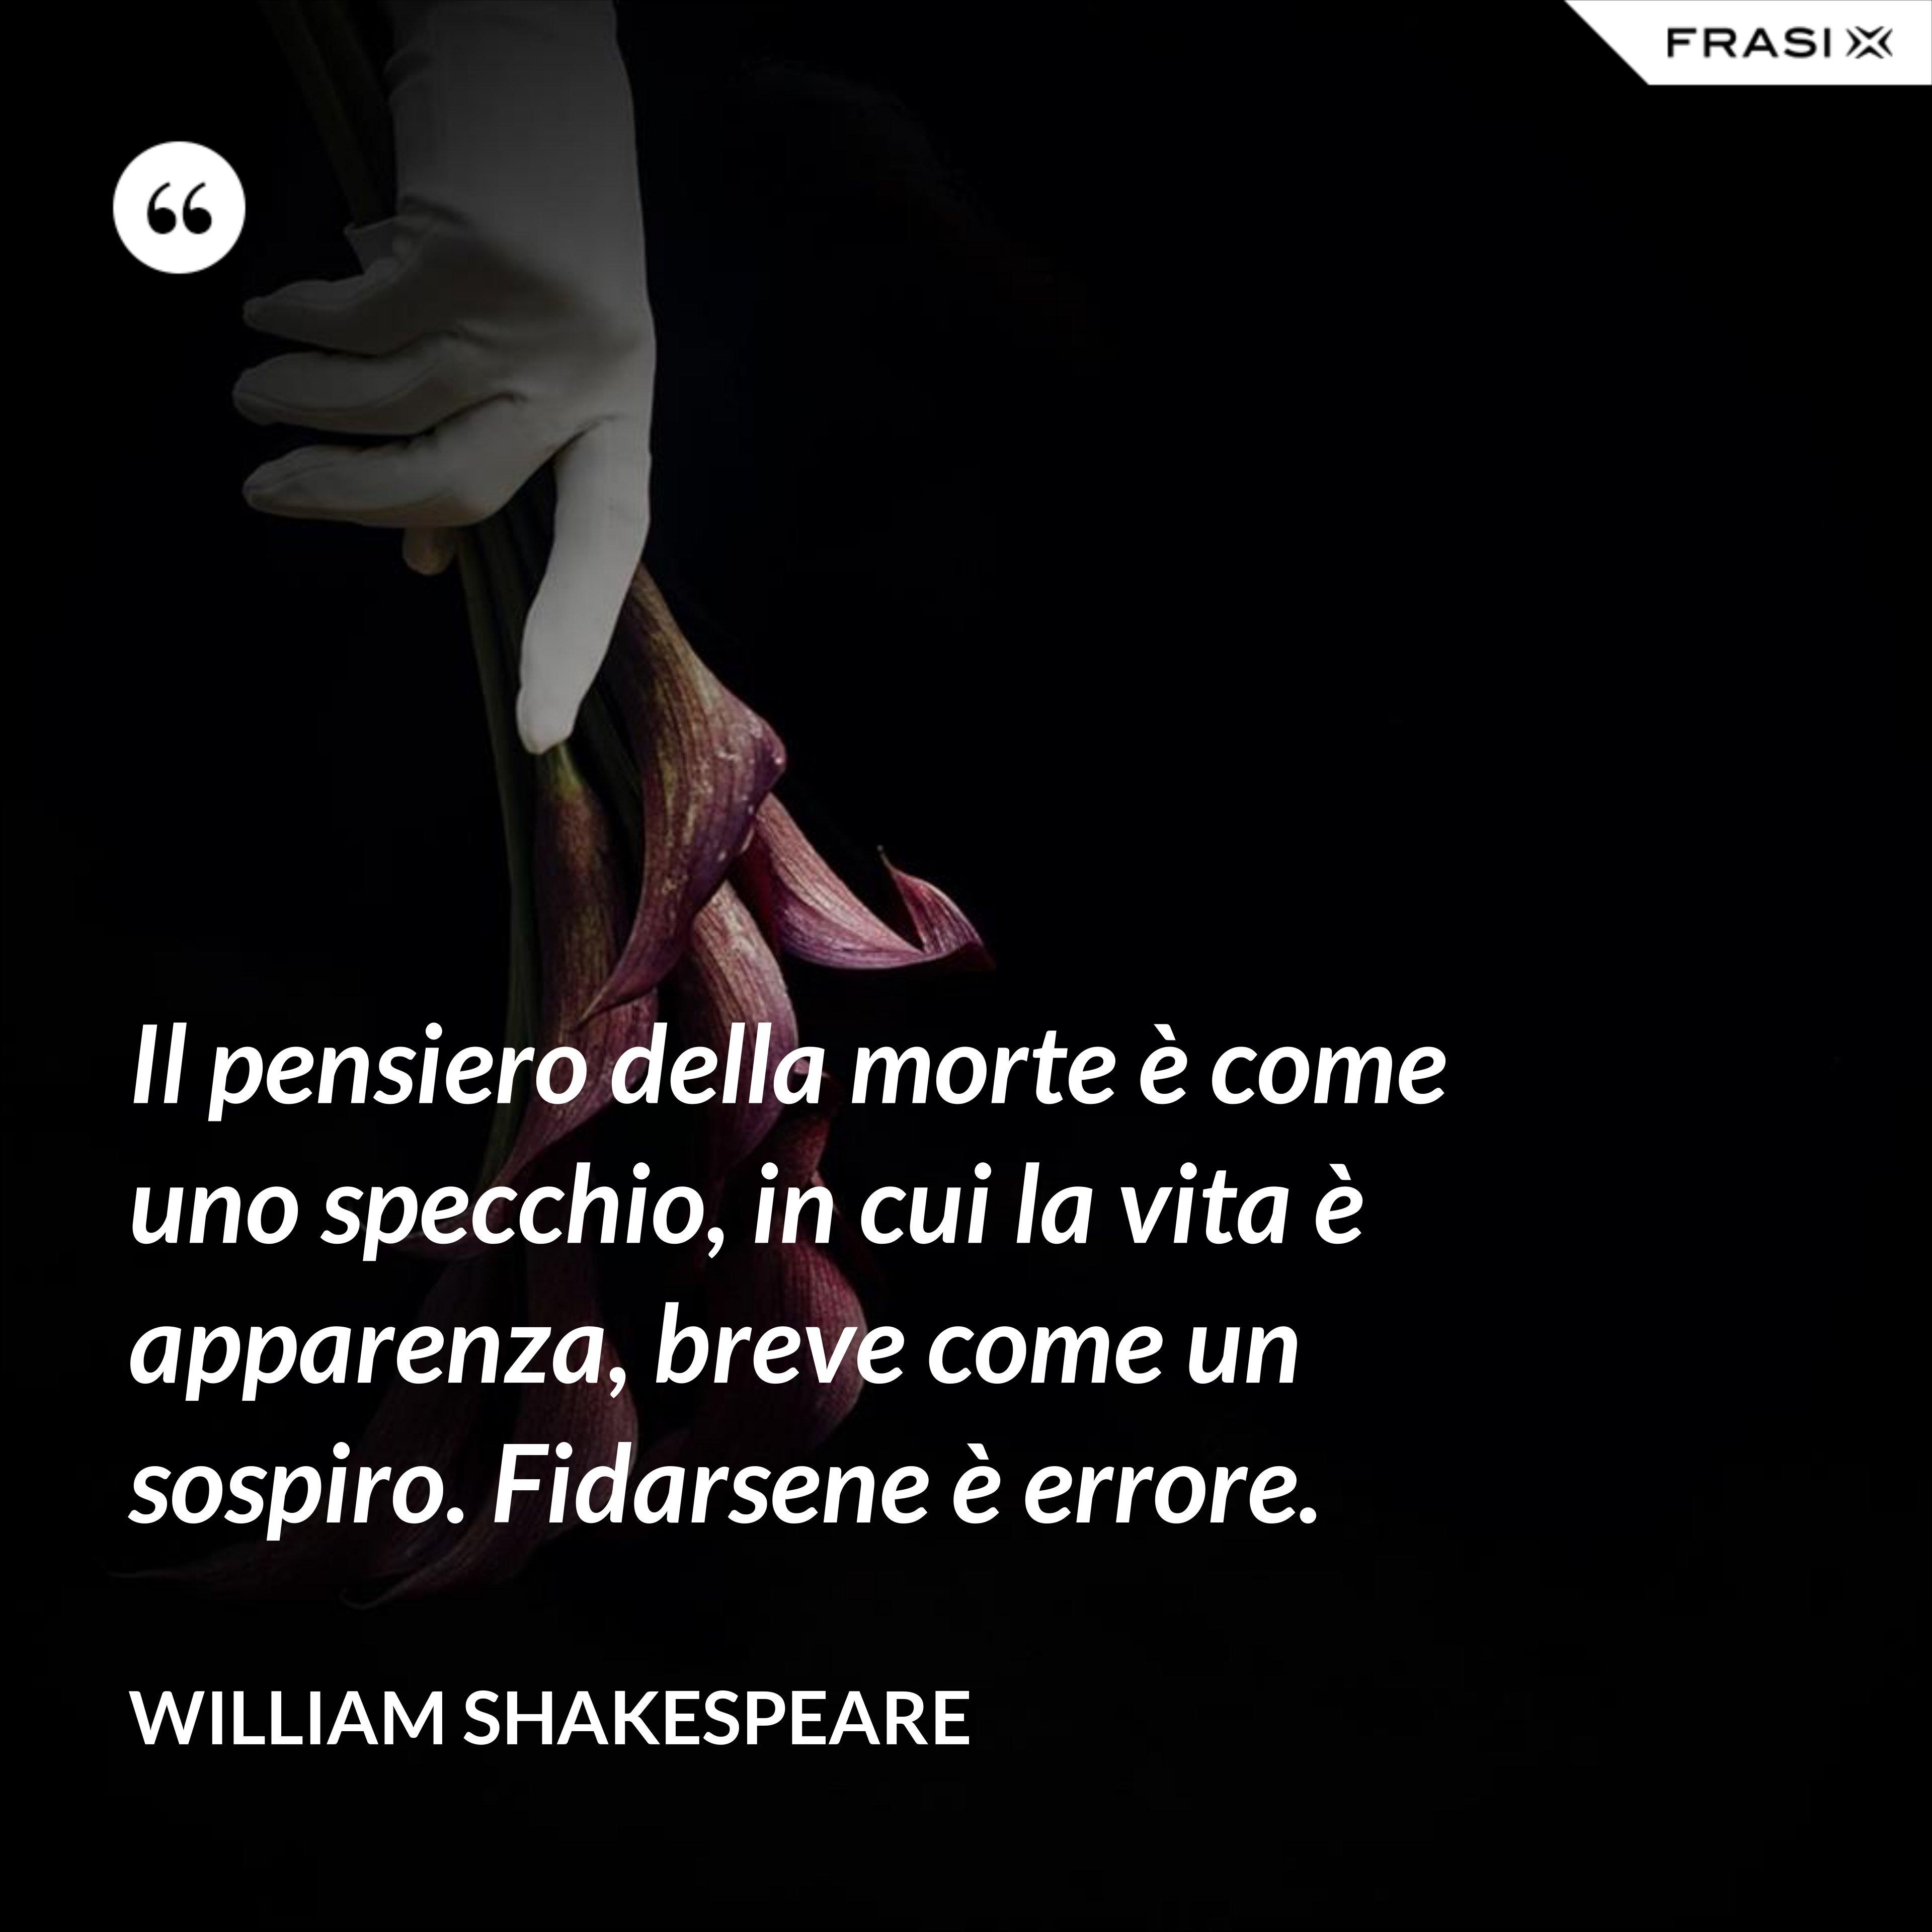 Il pensiero della morte è come uno specchio, in cui la vita è apparenza, breve come un sospiro. Fidarsene è errore. - William Shakespeare